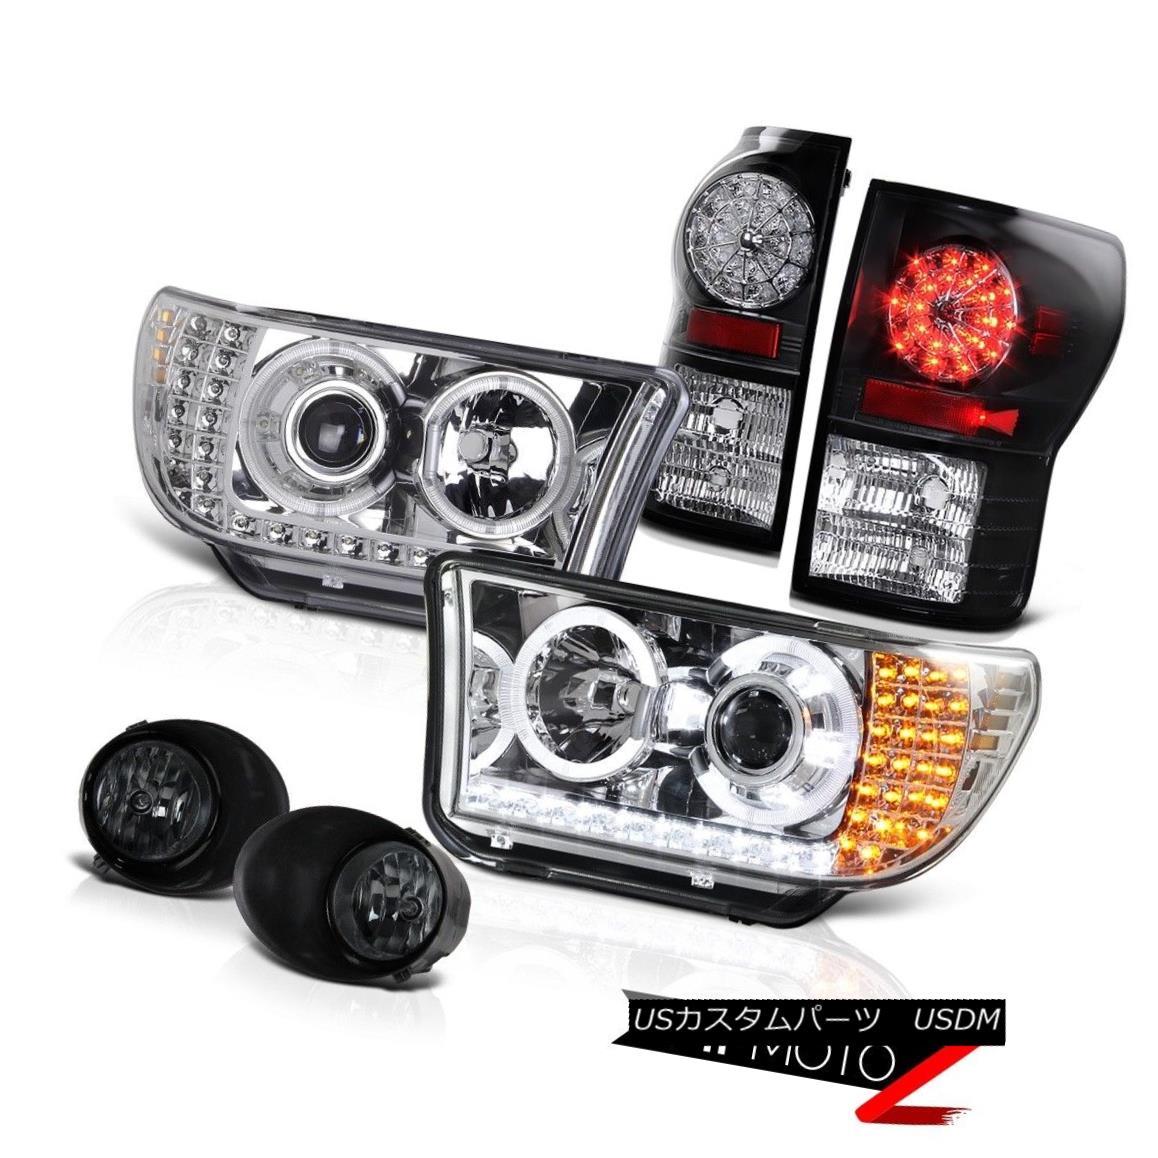 テールライト 2007-13 Tundra Chrome Projector Led Headlight+Led Tail Light+Fog Lamp 2007?13年トンドラクロームプロジェクターヘッドライト+ Ledテールライト+フォグランプ